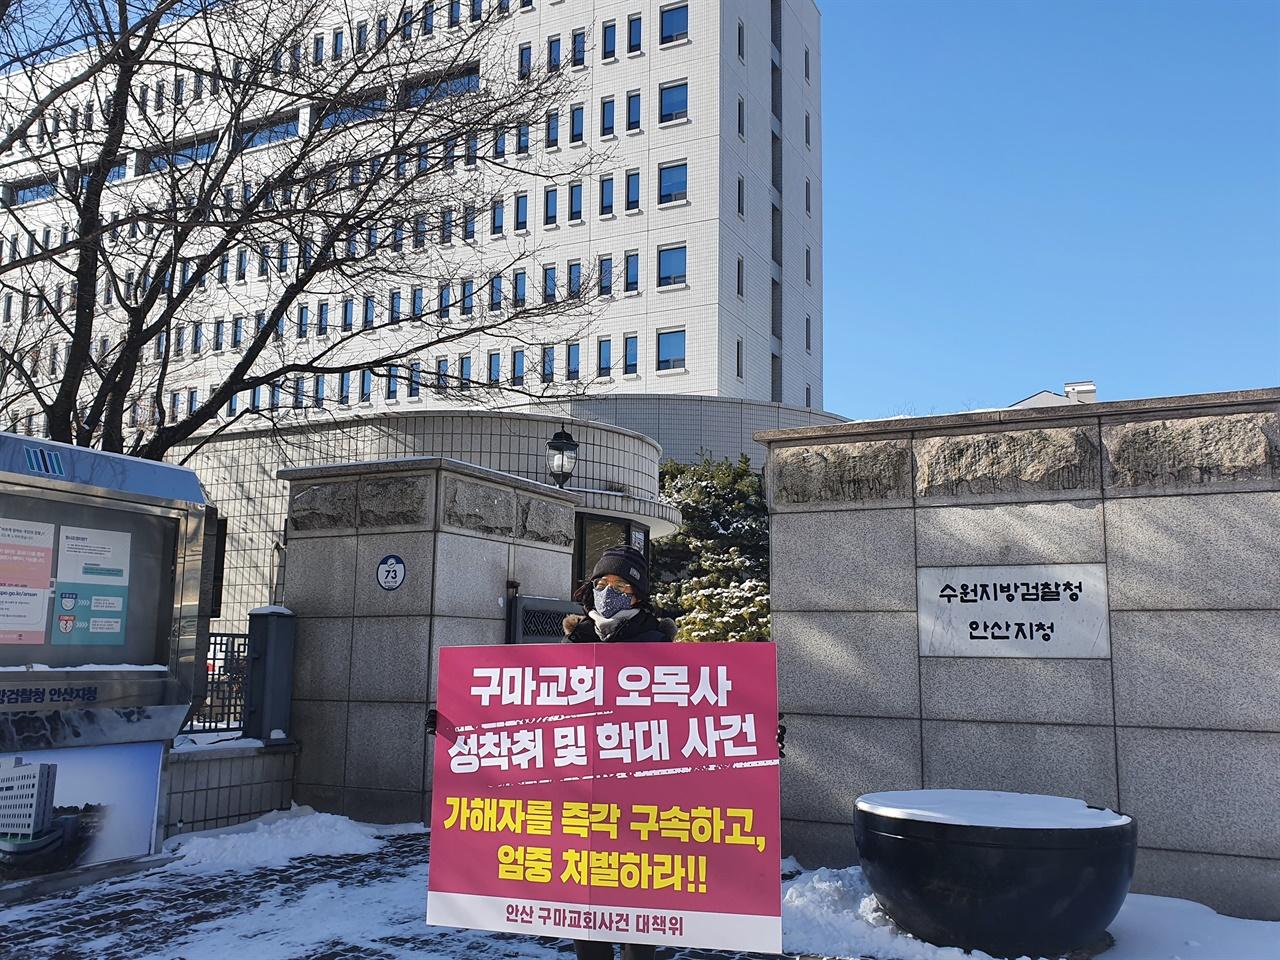 안산 구마교회 사건 대책위가 수원지방법원 안산지원 앞에서 1인 시위를 하고 있다.